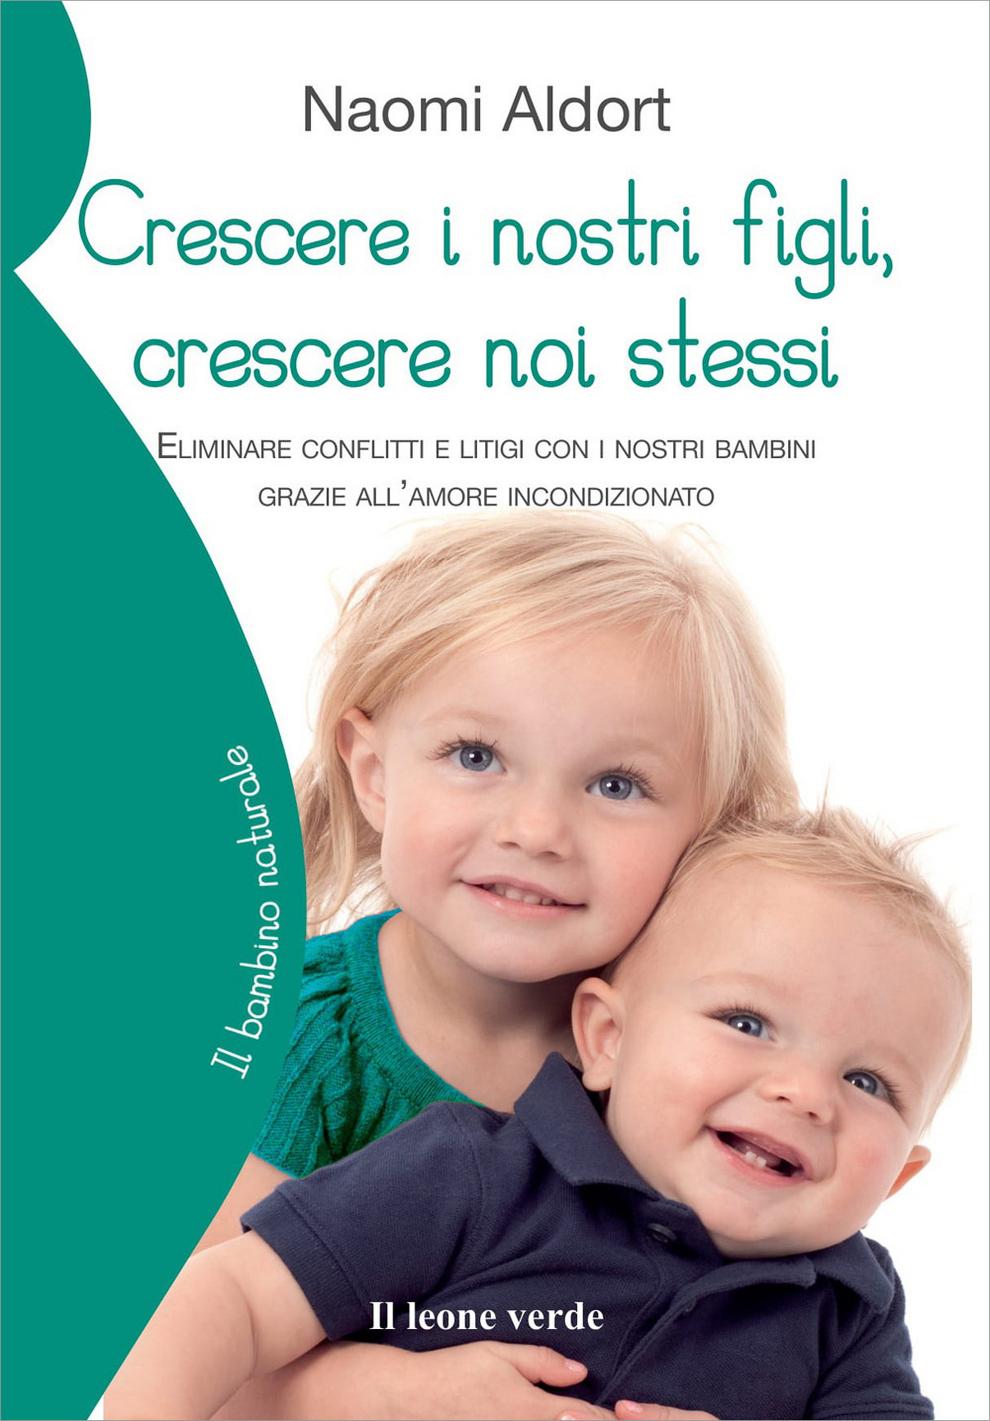 Crescere i nostri figli, crescere noi stessi. Eliminare conflitti e litigi con i nostri bambini grazie all'amore incondizionato